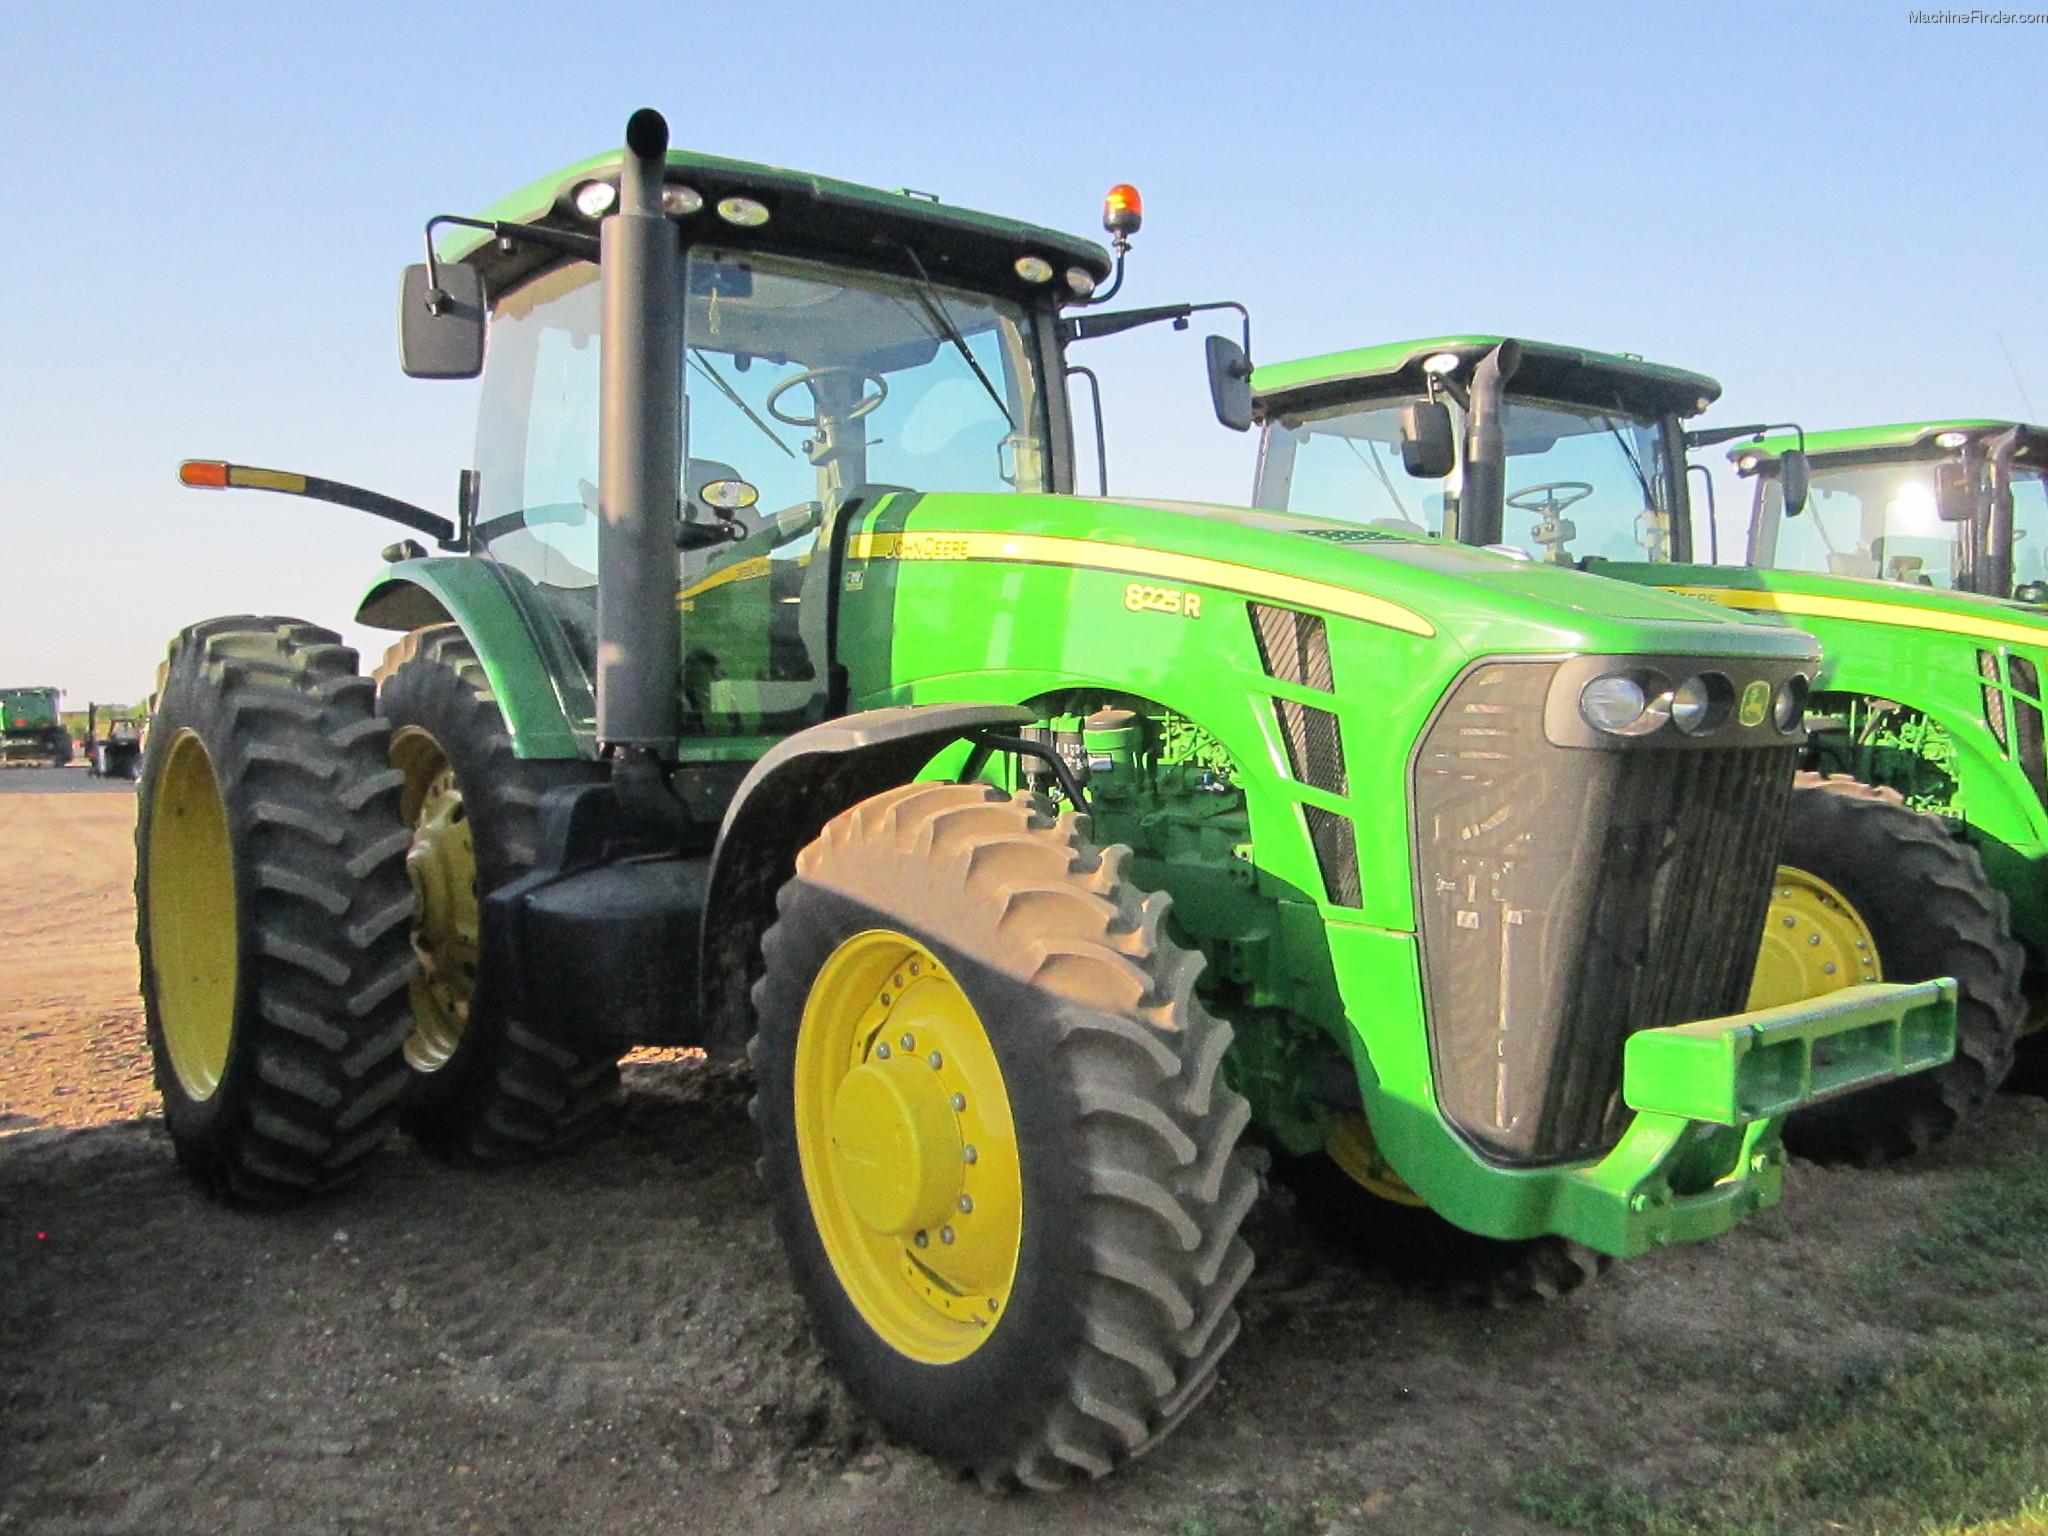 2010 John Deere 8225R Tractors - Row Crop (+100hp) - John ...